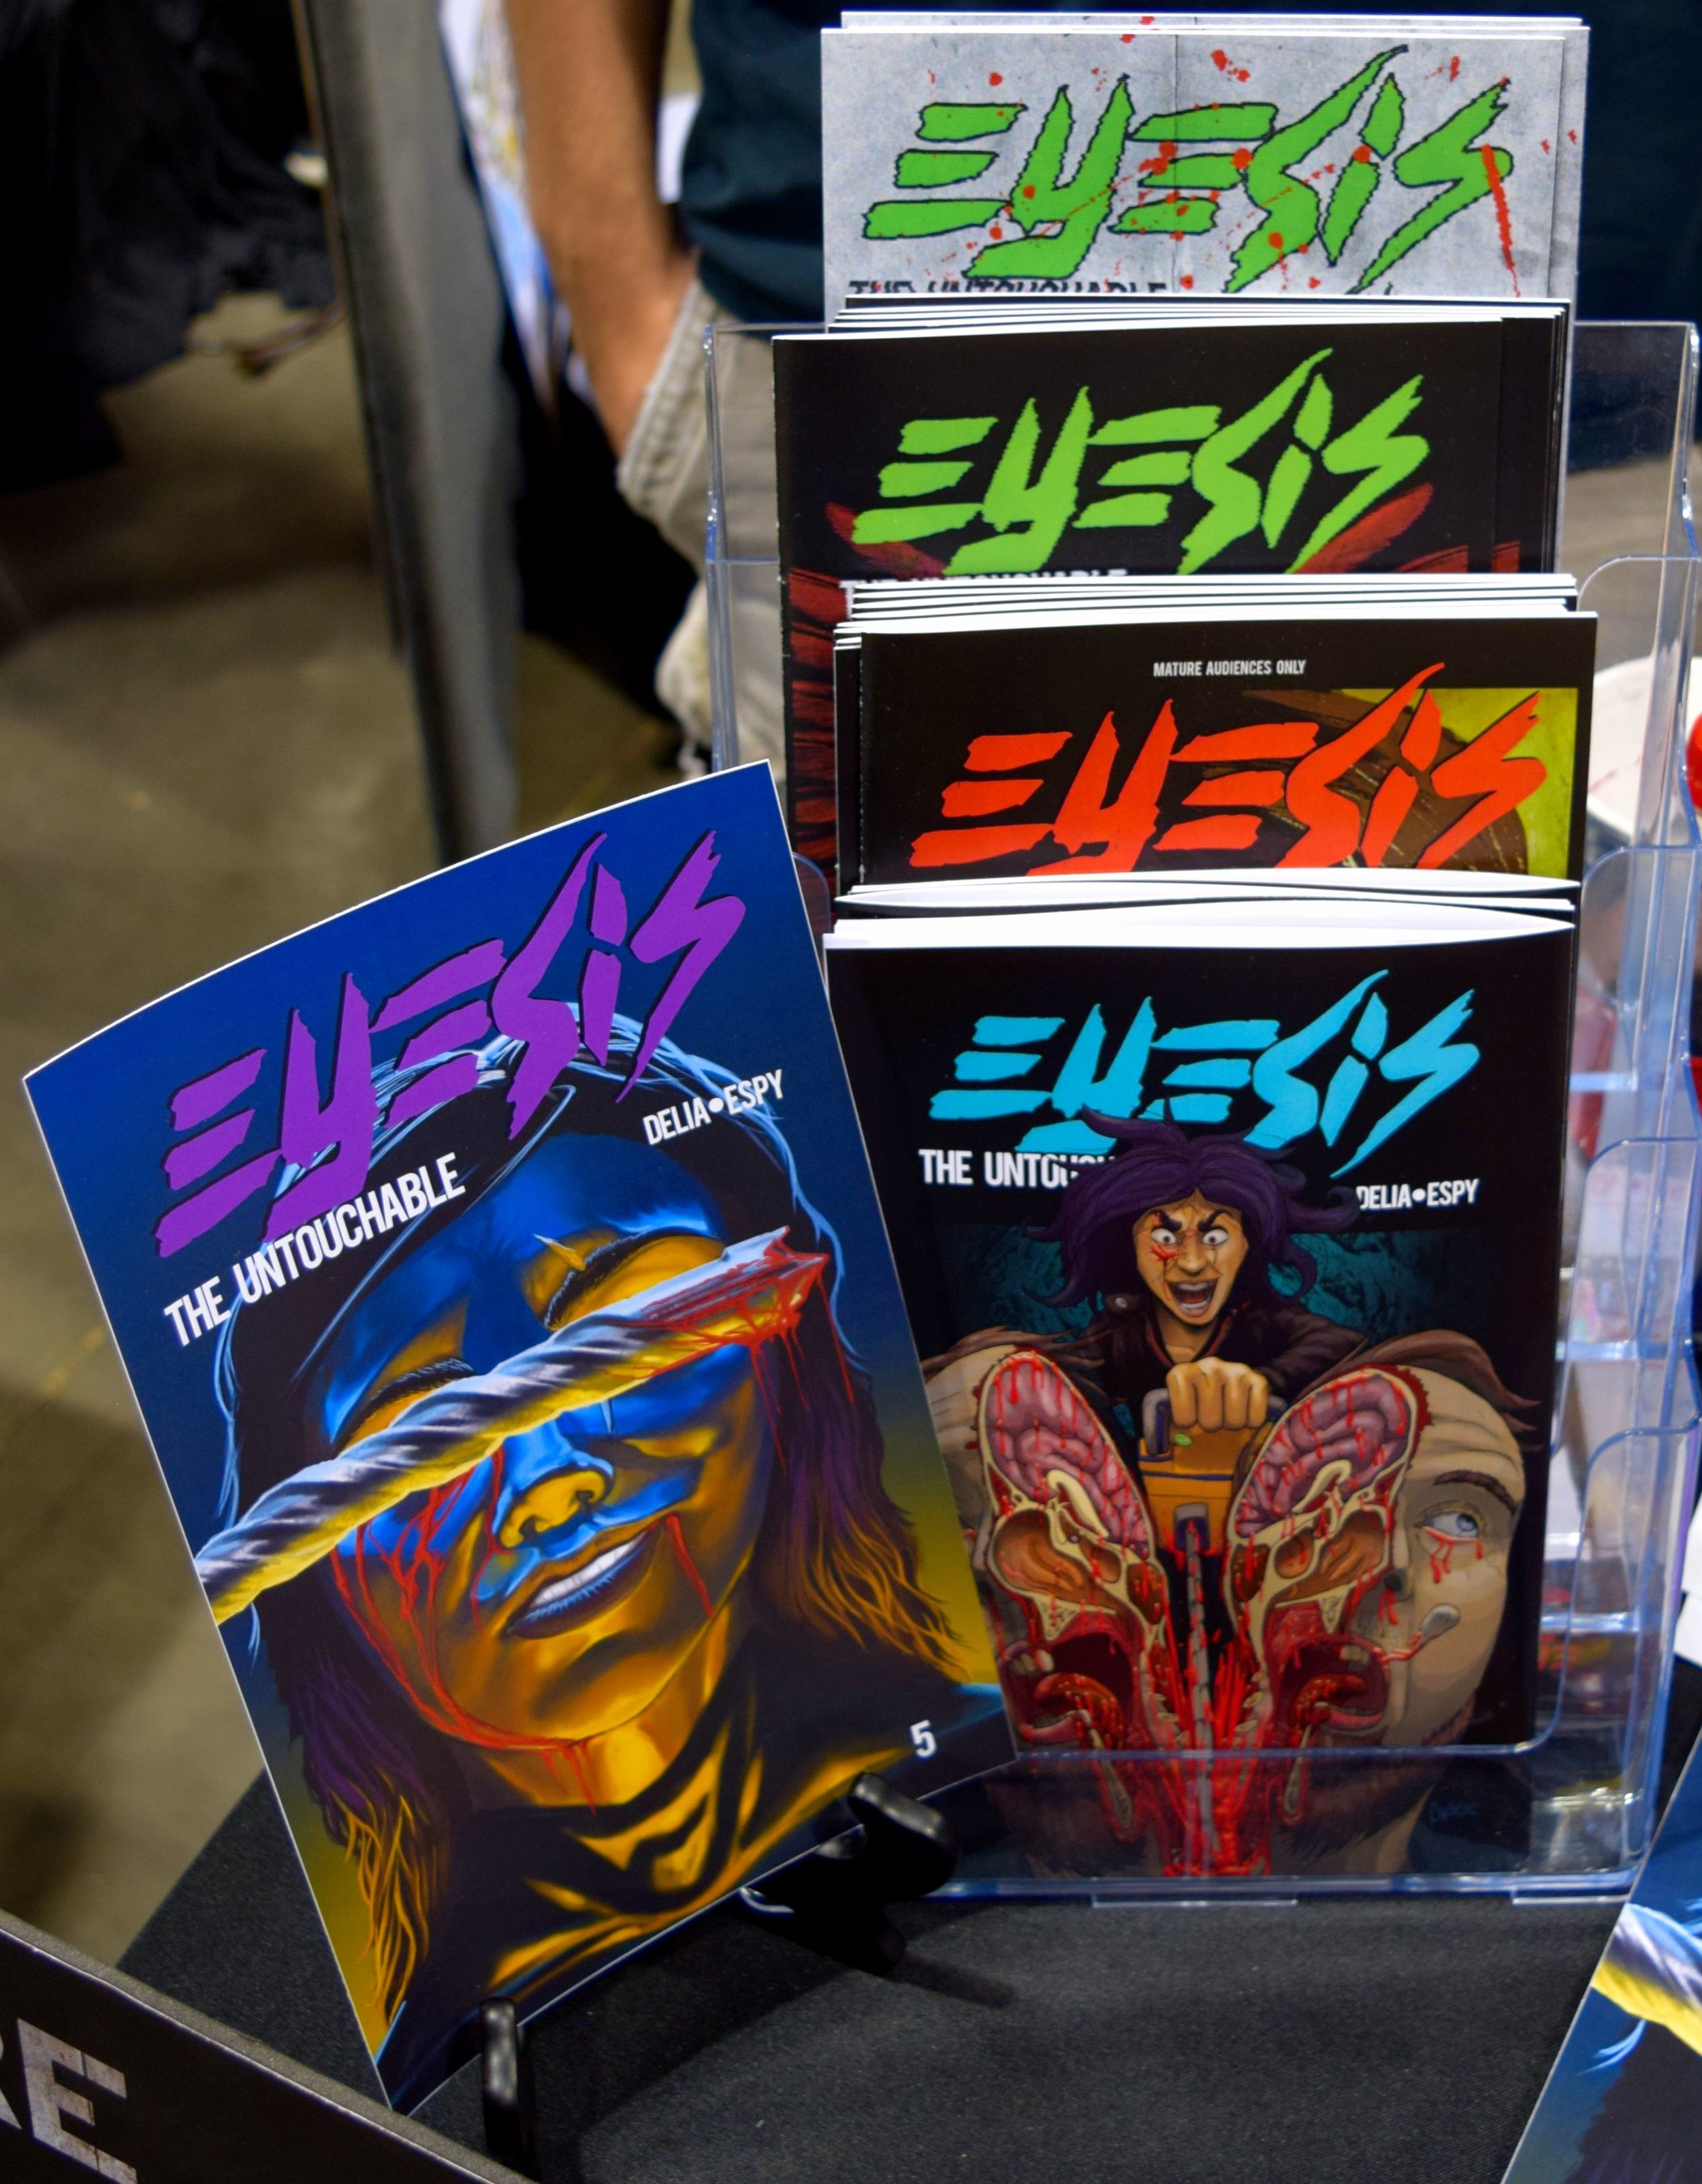 Eyesis: The Untouchable comics at Denver Comic Con 2016.